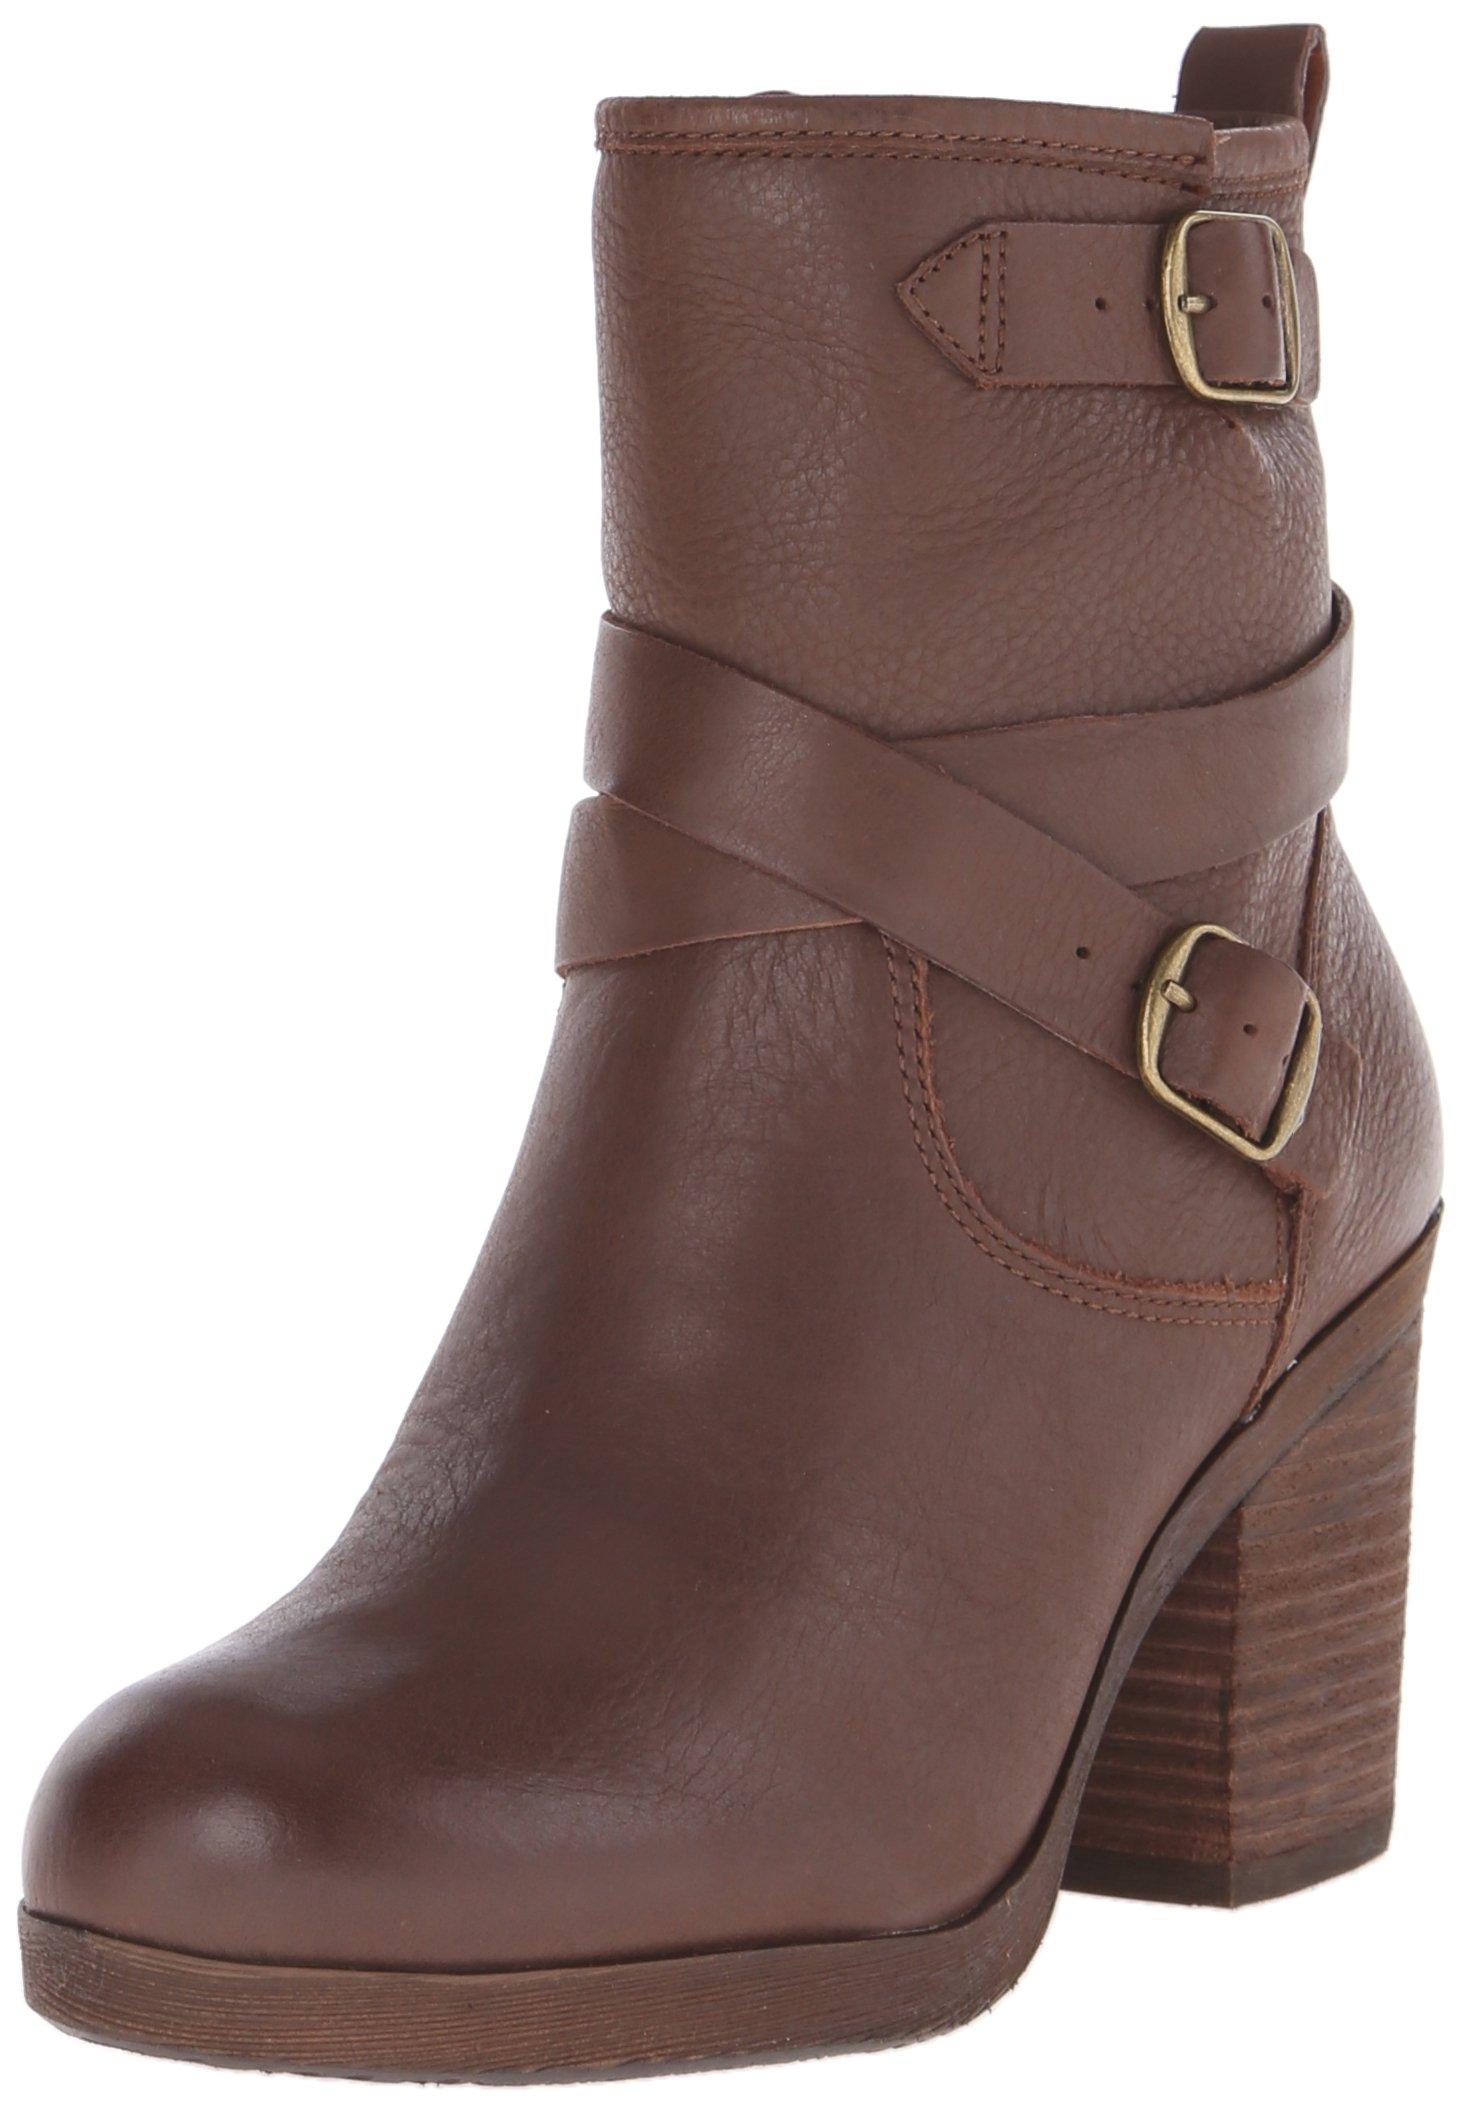 Lucky Women's Orenzo Boot, Nutmeg, 7.5 M US